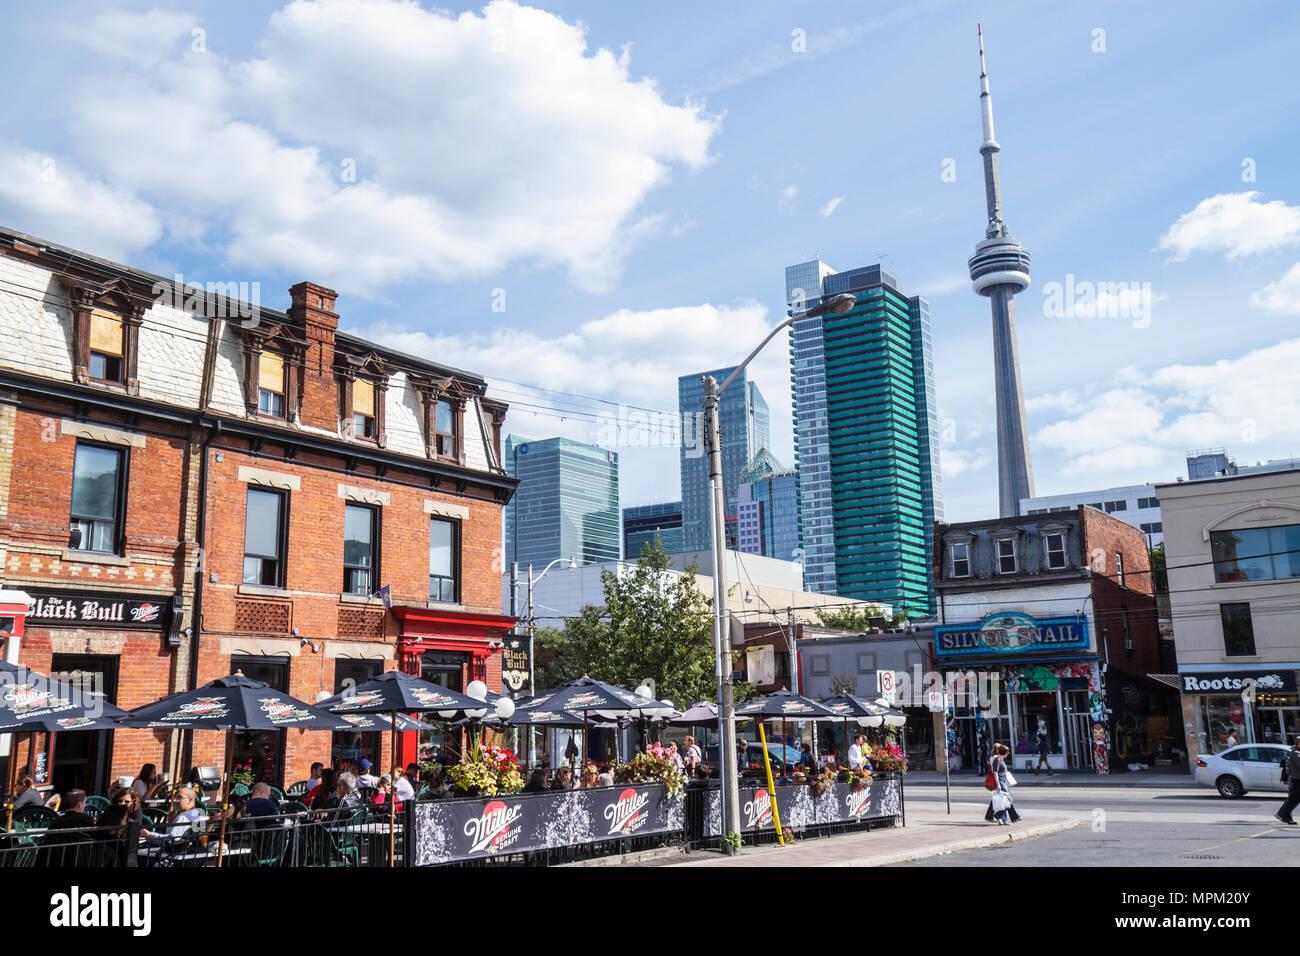 Kanada, Toronto, Queen Street West, trendige Nachbarschaft, Ecke, historisches Gebäude, 1886, Black Bull Tavern, Restaurant Restaurants Essen Essen Speisen e Stockfoto